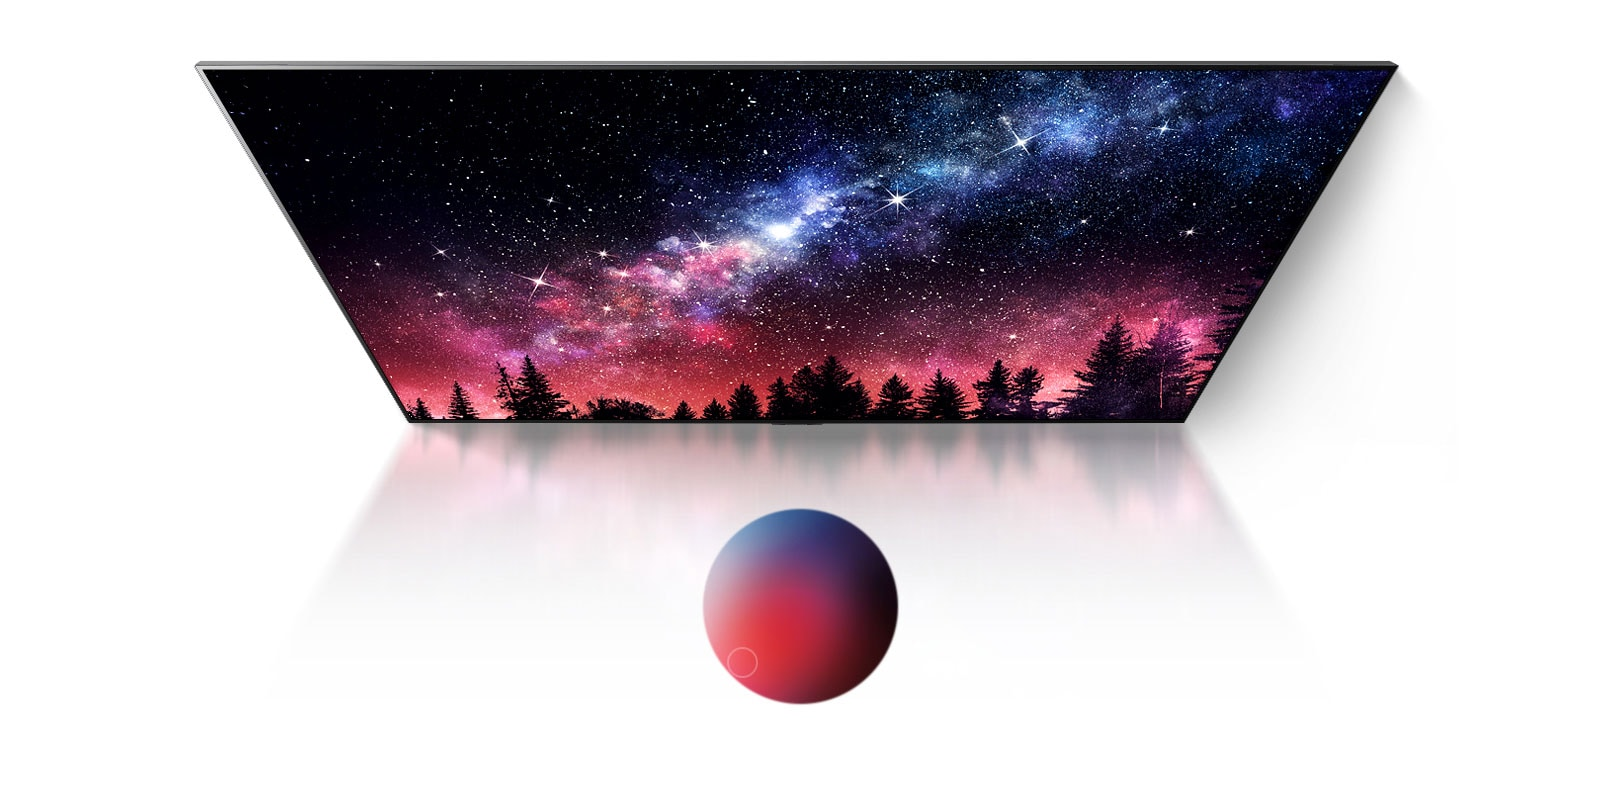 Lo schermo di un televisore che mostra la Via Lattea, il cielo blu e un'esplosione di polvere colorata con un'eccellente qualità (riproduci il video)